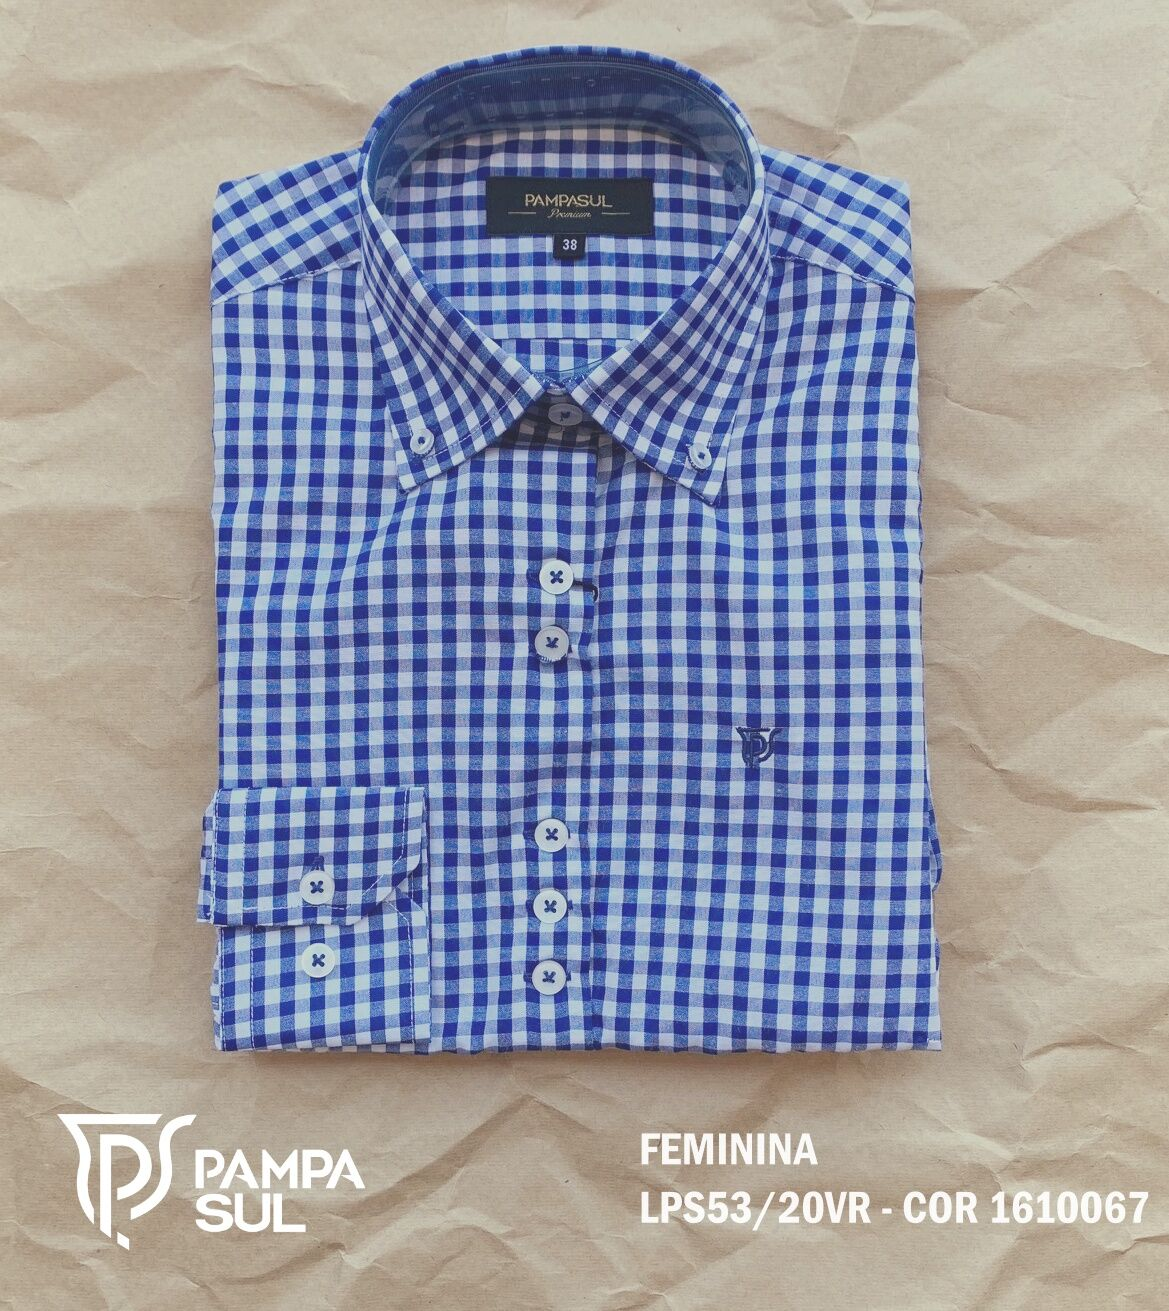 Camisa Pampa Sul Feminina LPS 53/20